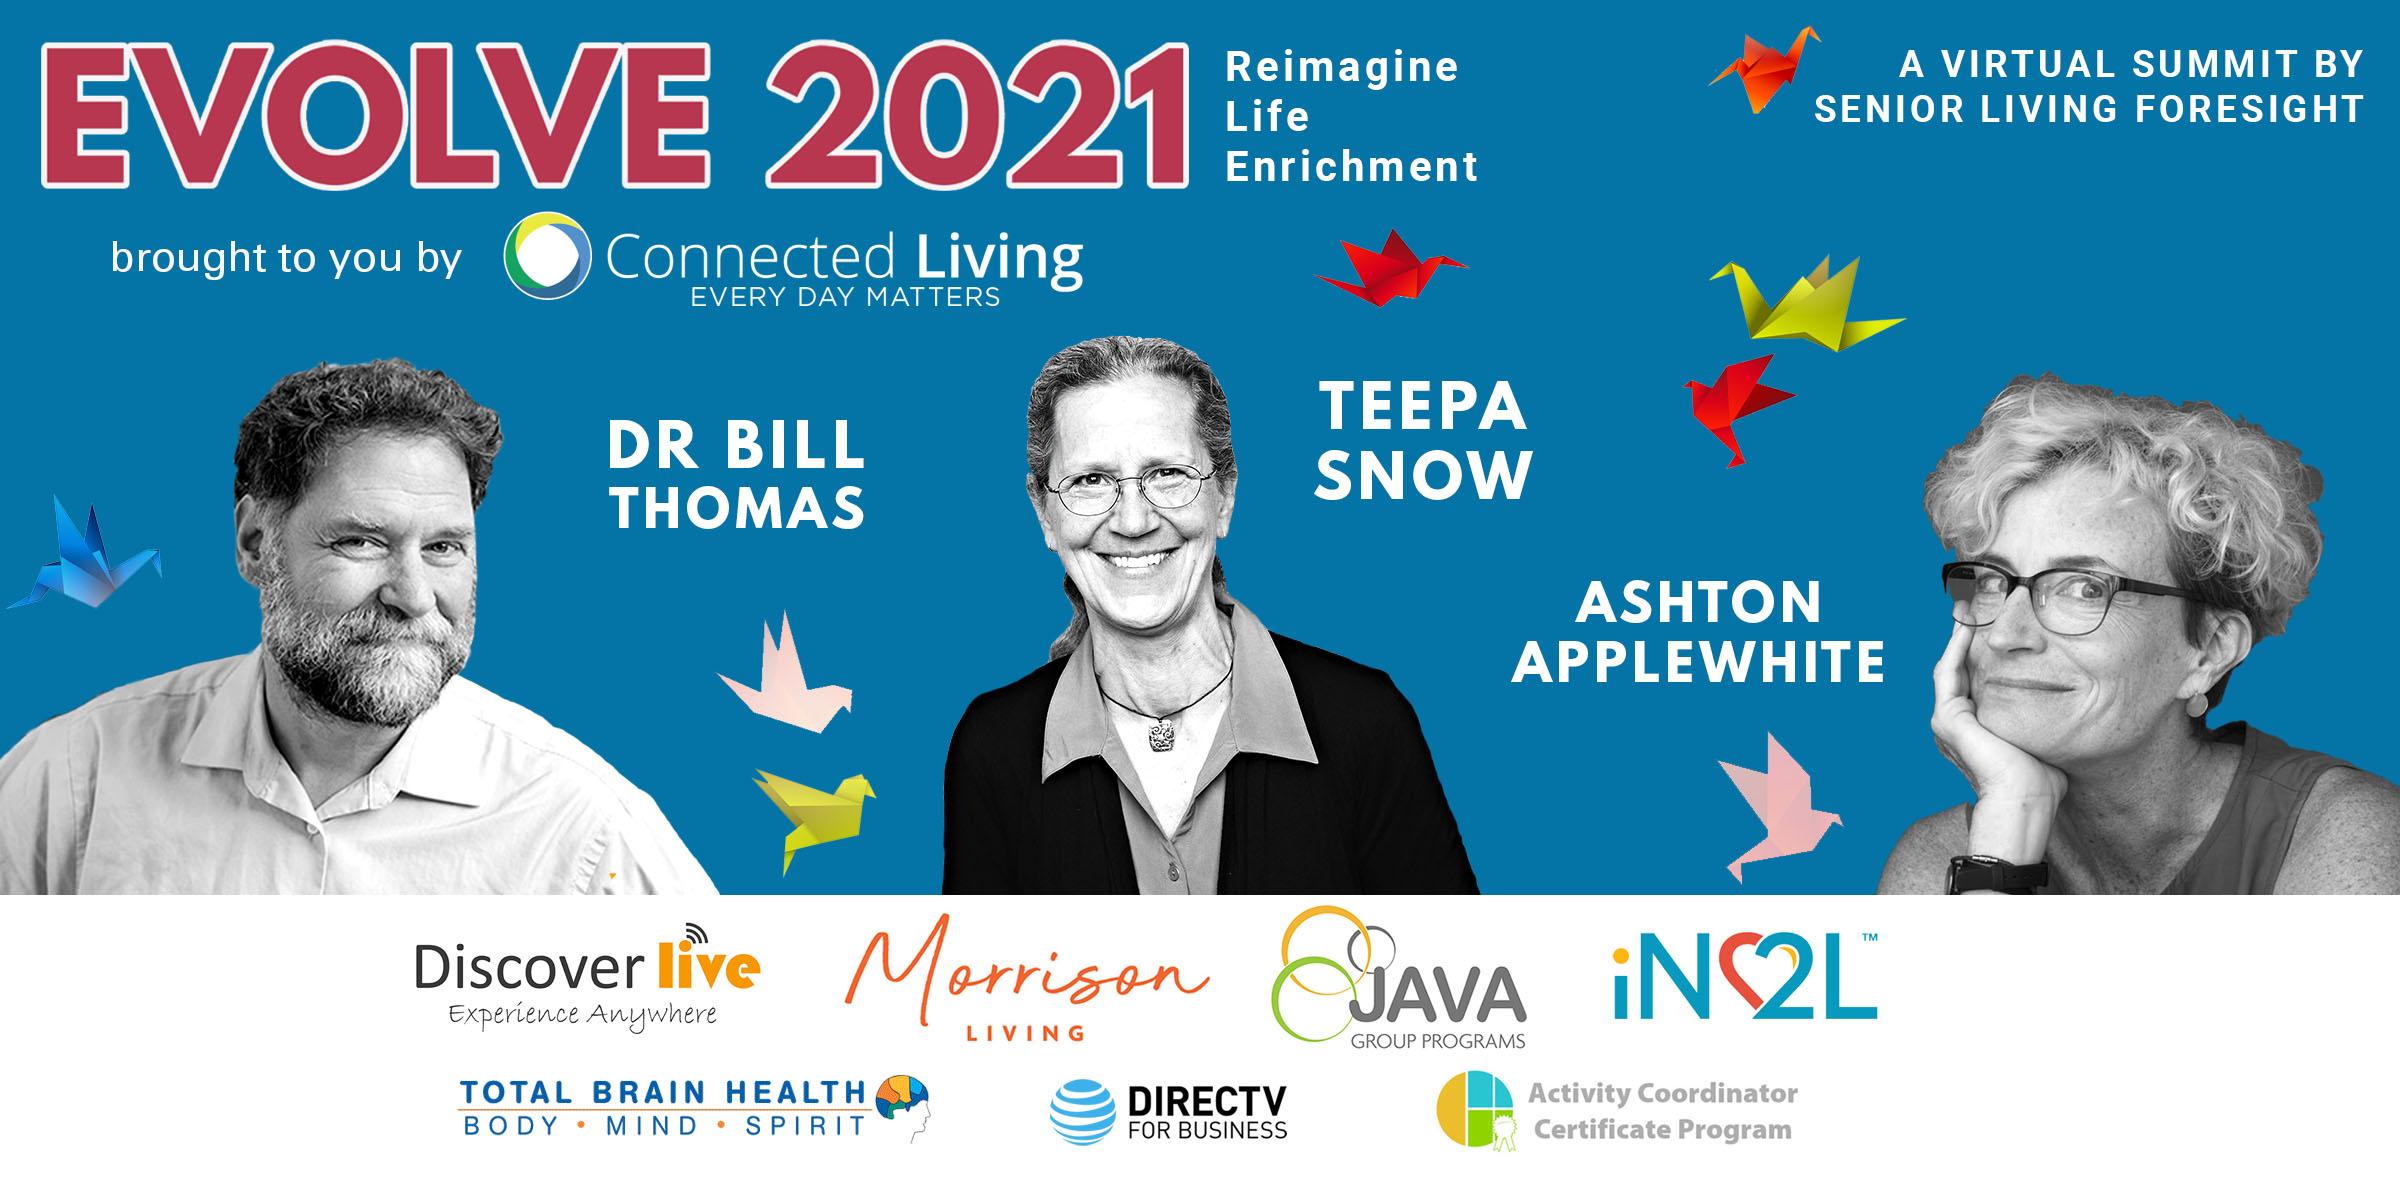 Evolve 2021 with Dr. Bill Thomas, Teepa Snow, and Ashton Applewhite